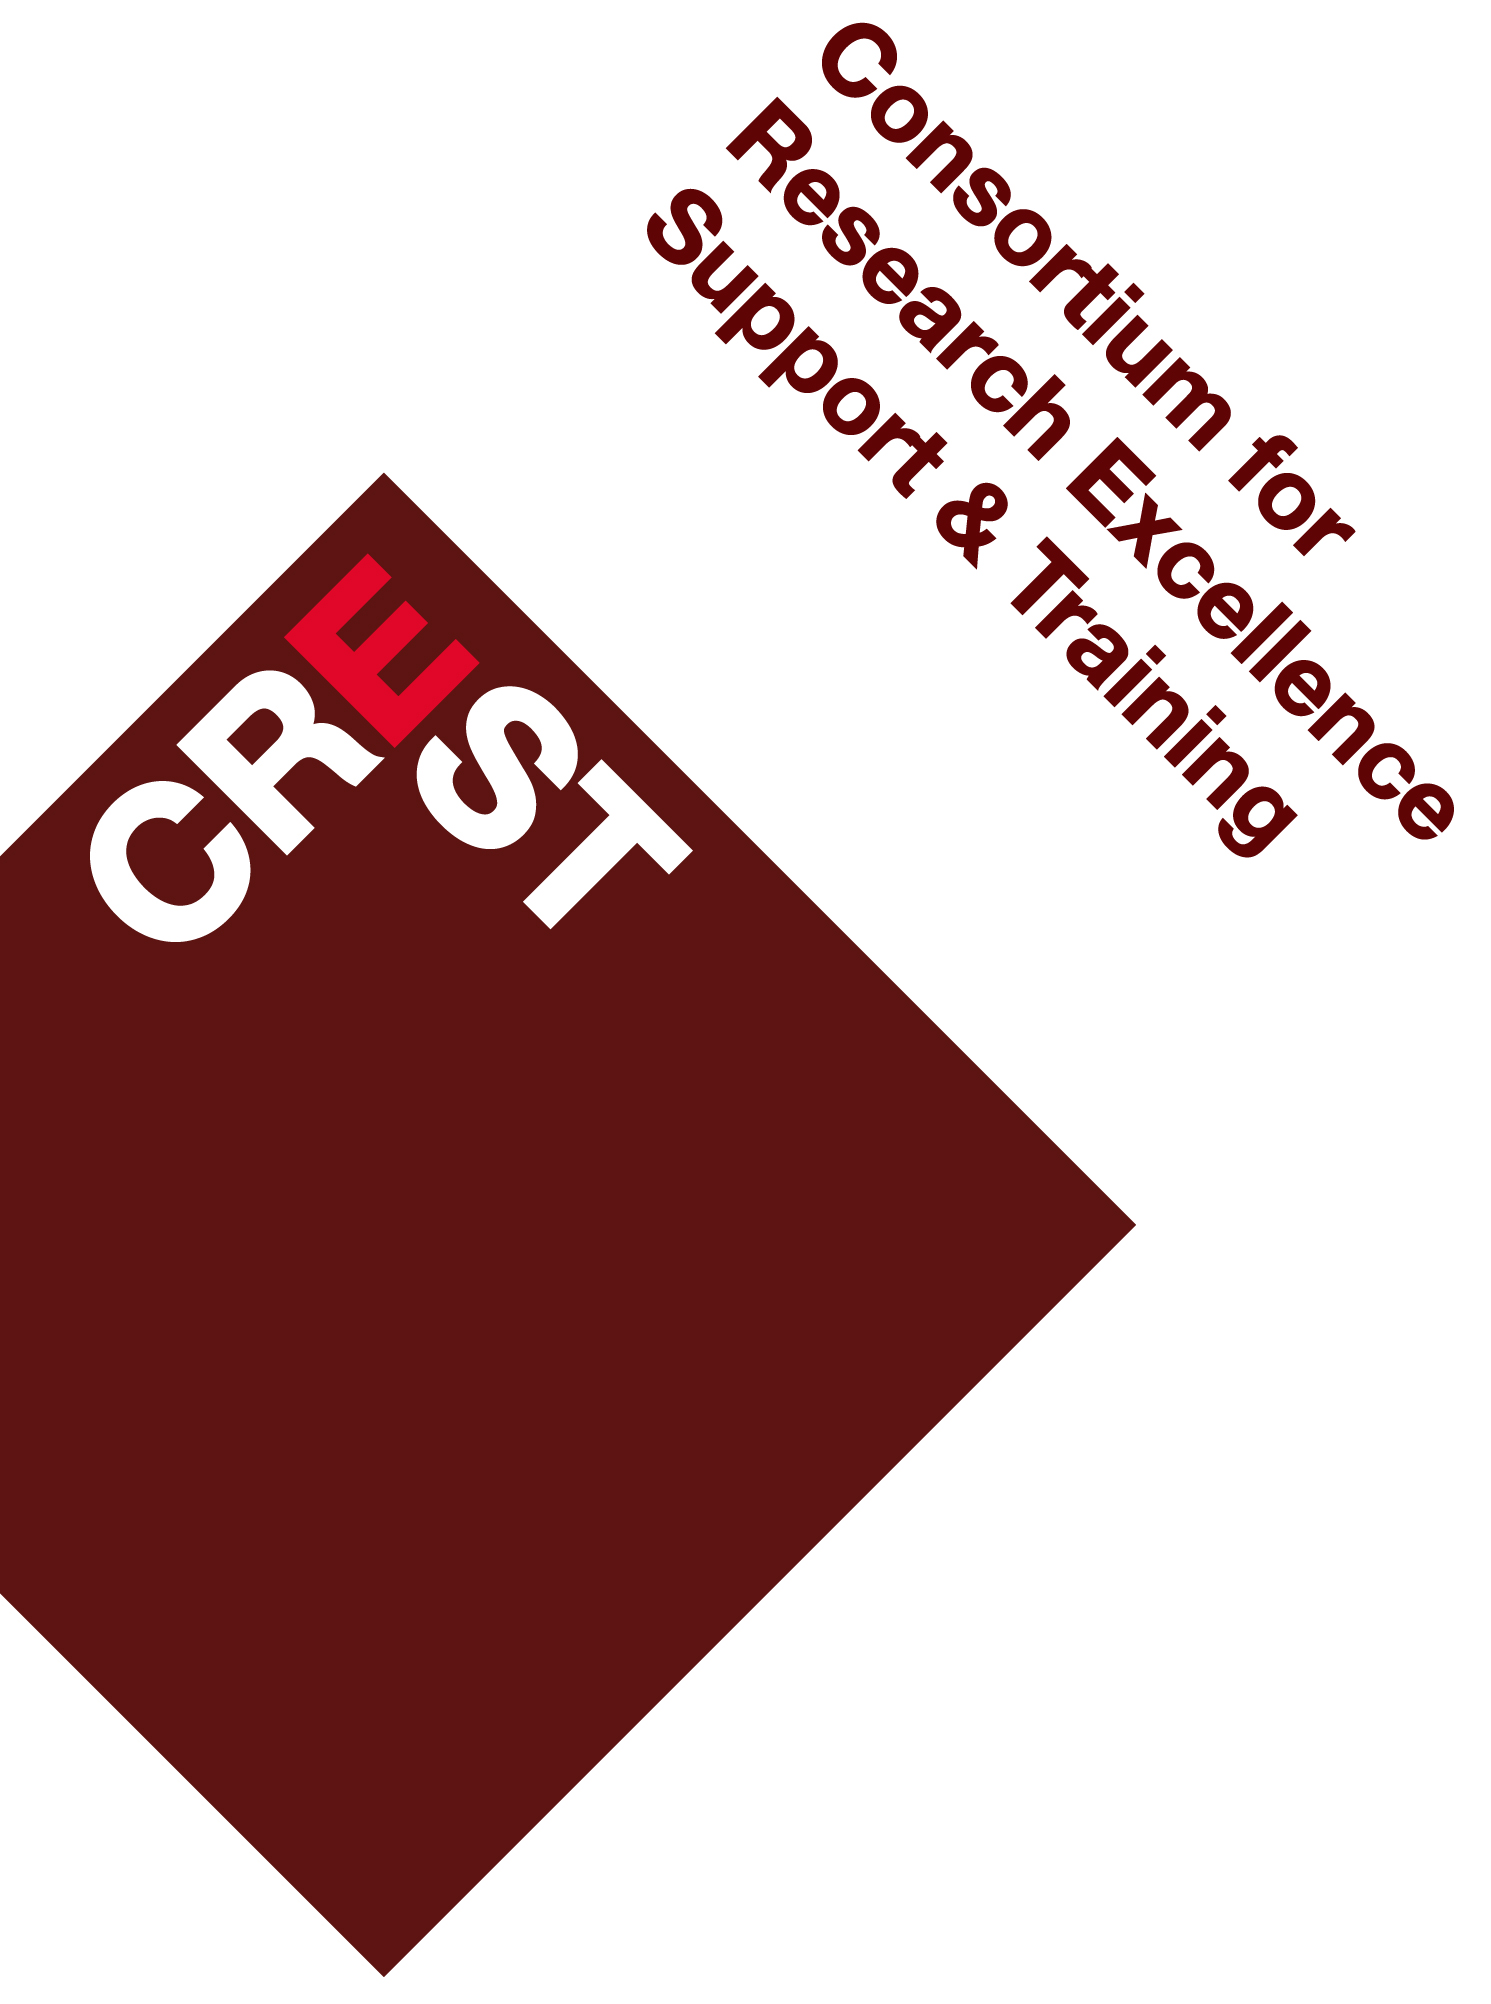 CREST Logo Full Size